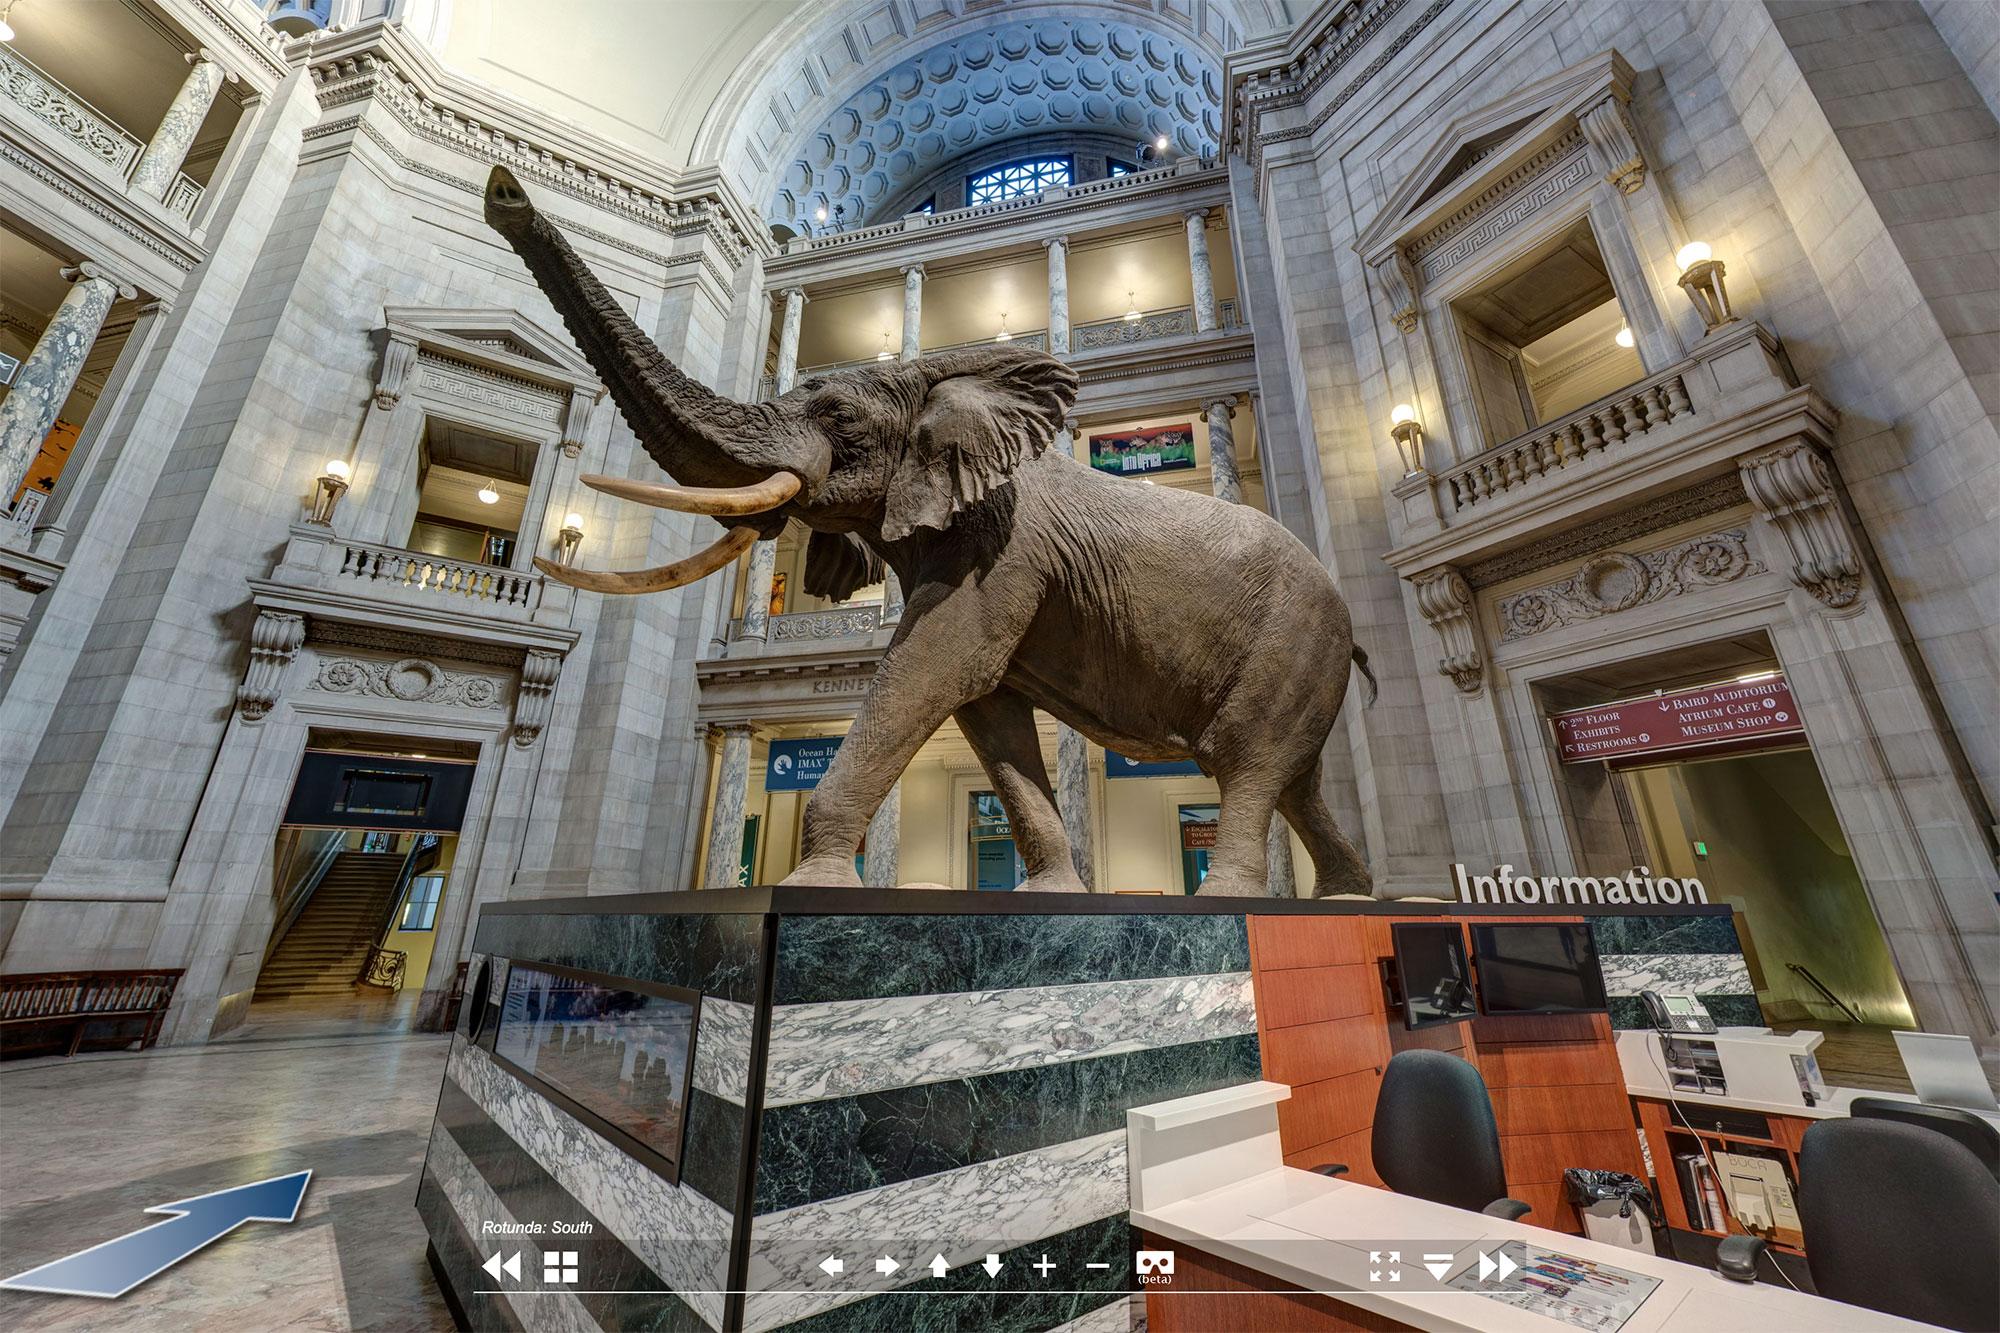 У входа в музей посетителей встречает огромное чучело слона